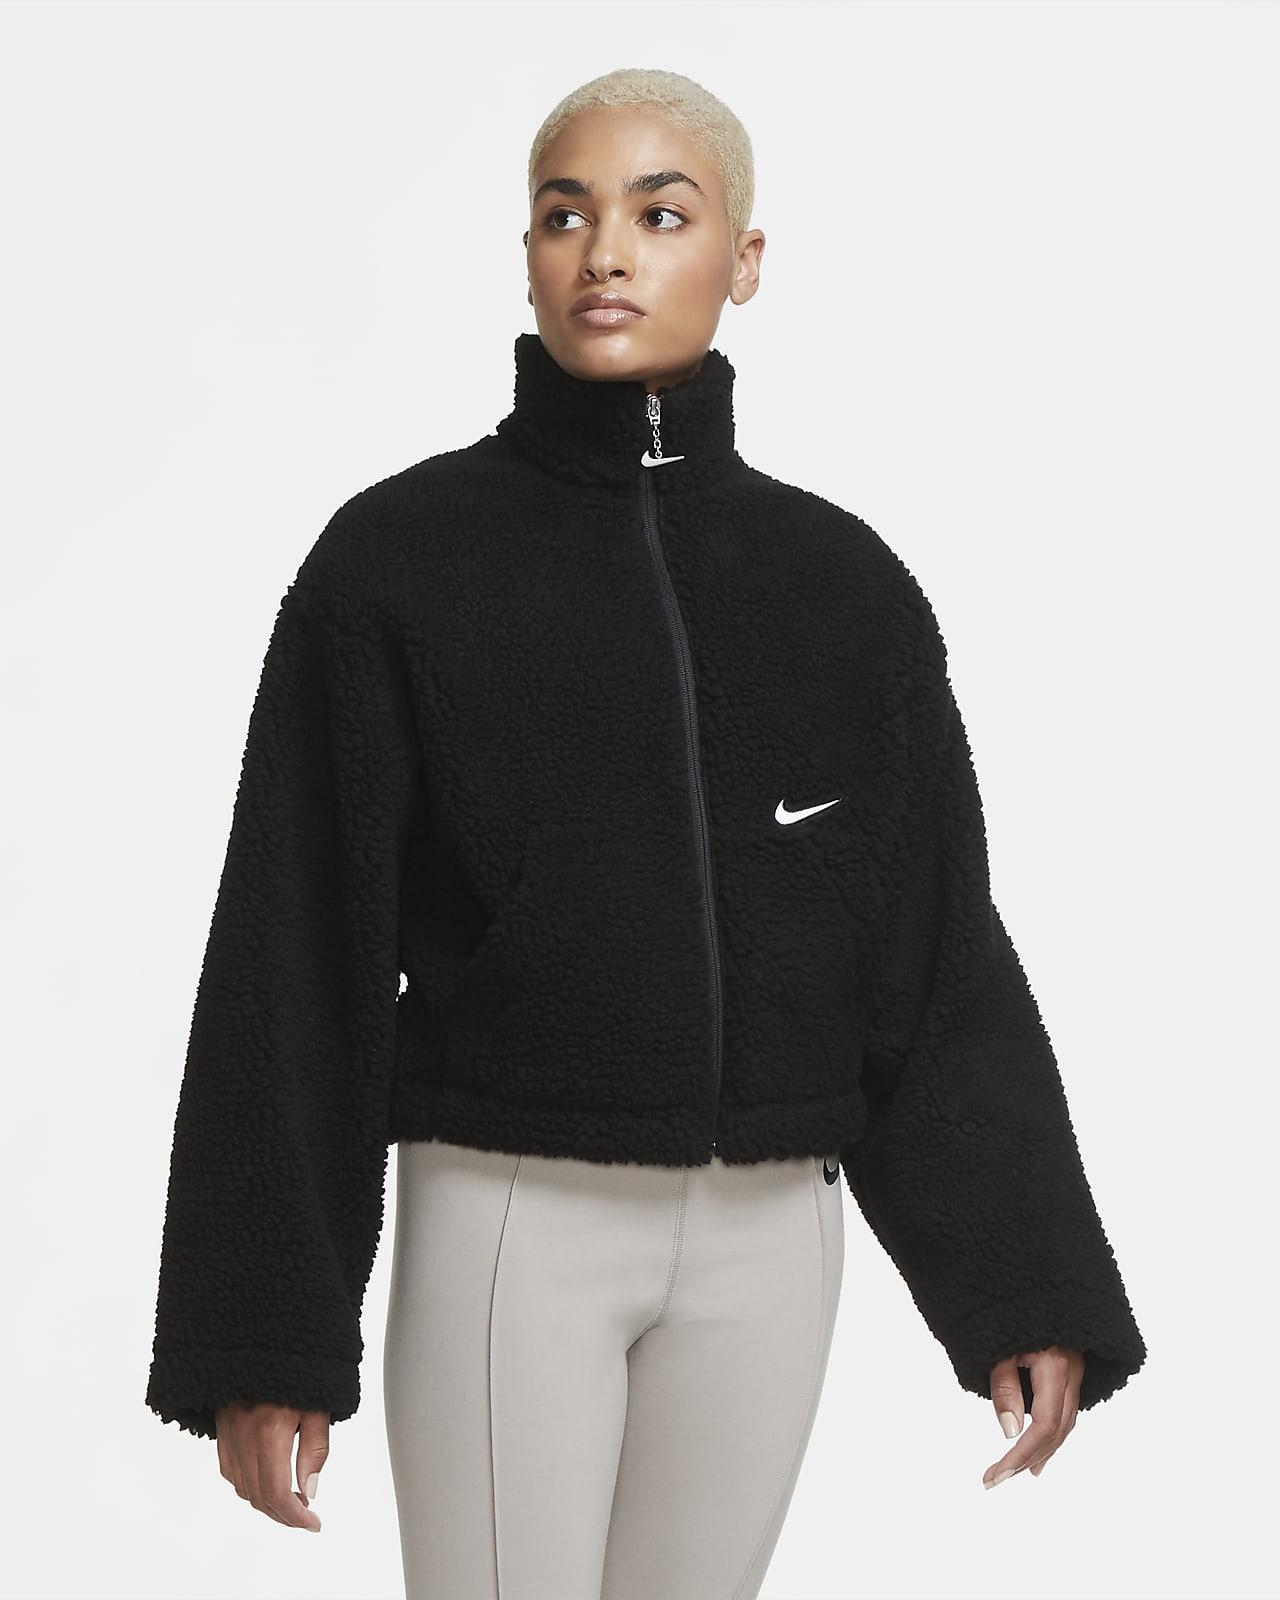 Γυναικείο τζάκετ Nike Sportswear Swoosh